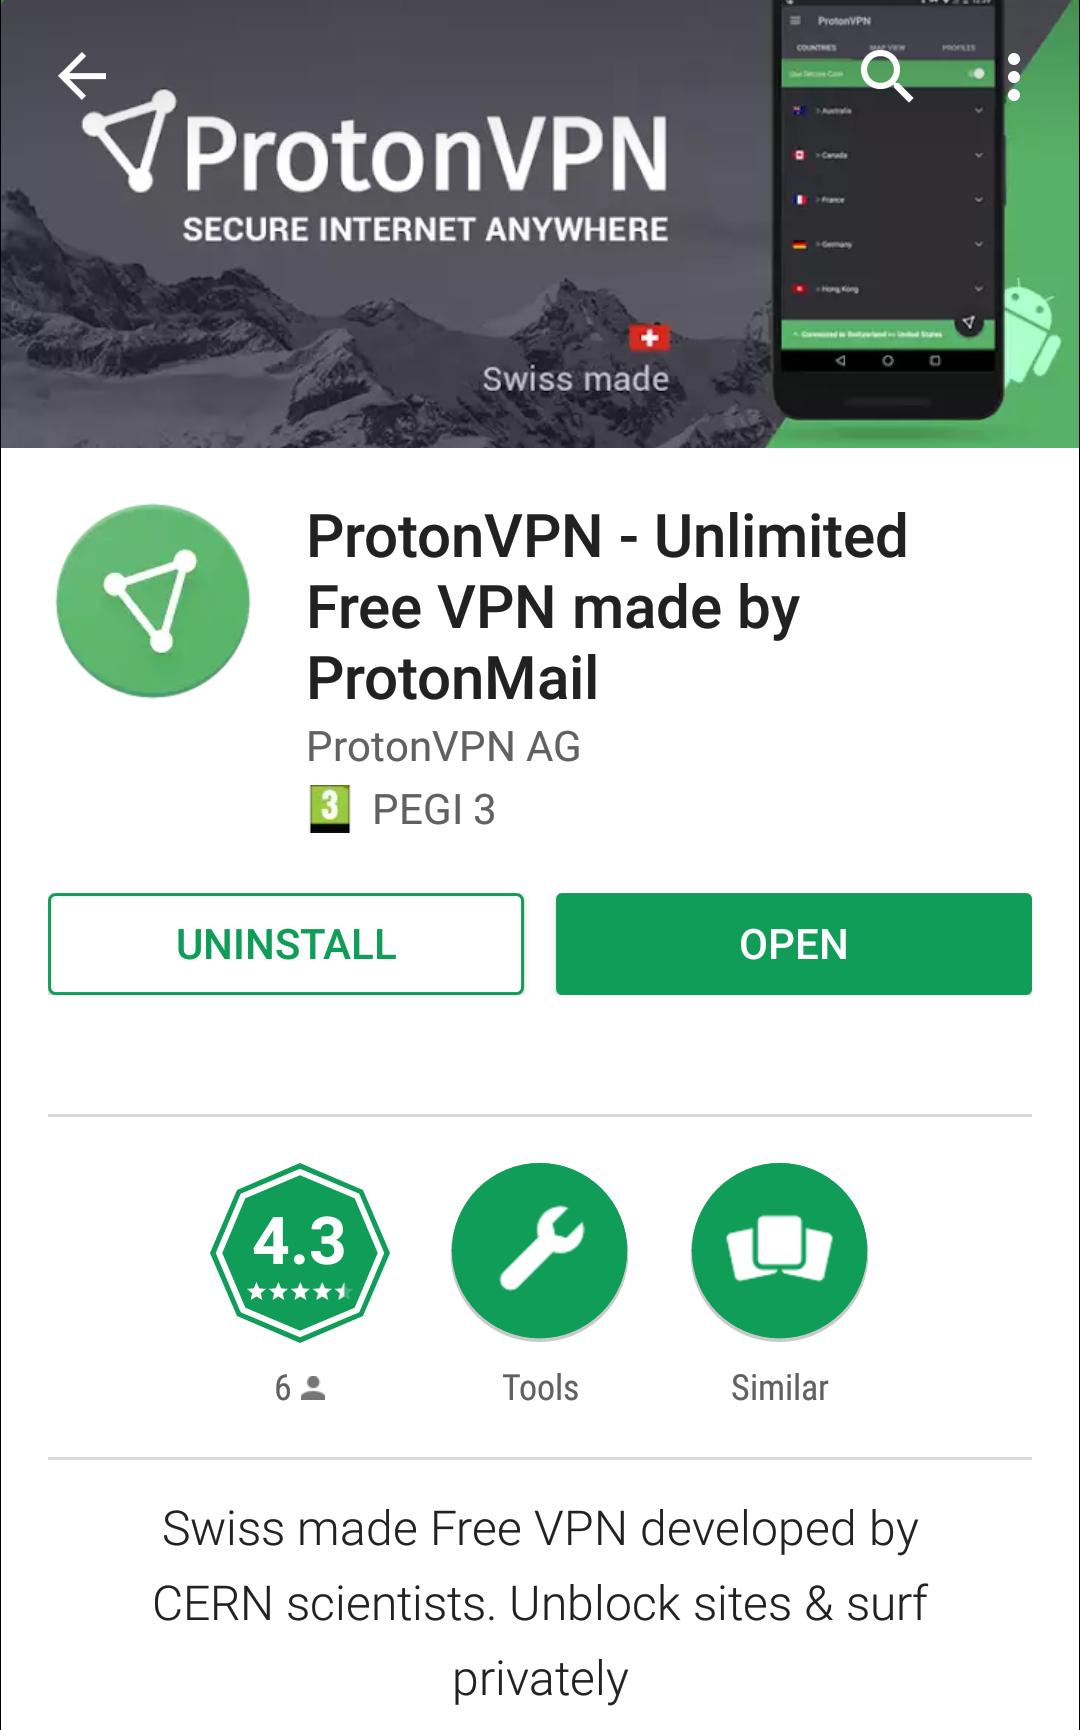 Participate in the ProtonVPN Android app beta - ProtonVPN Support